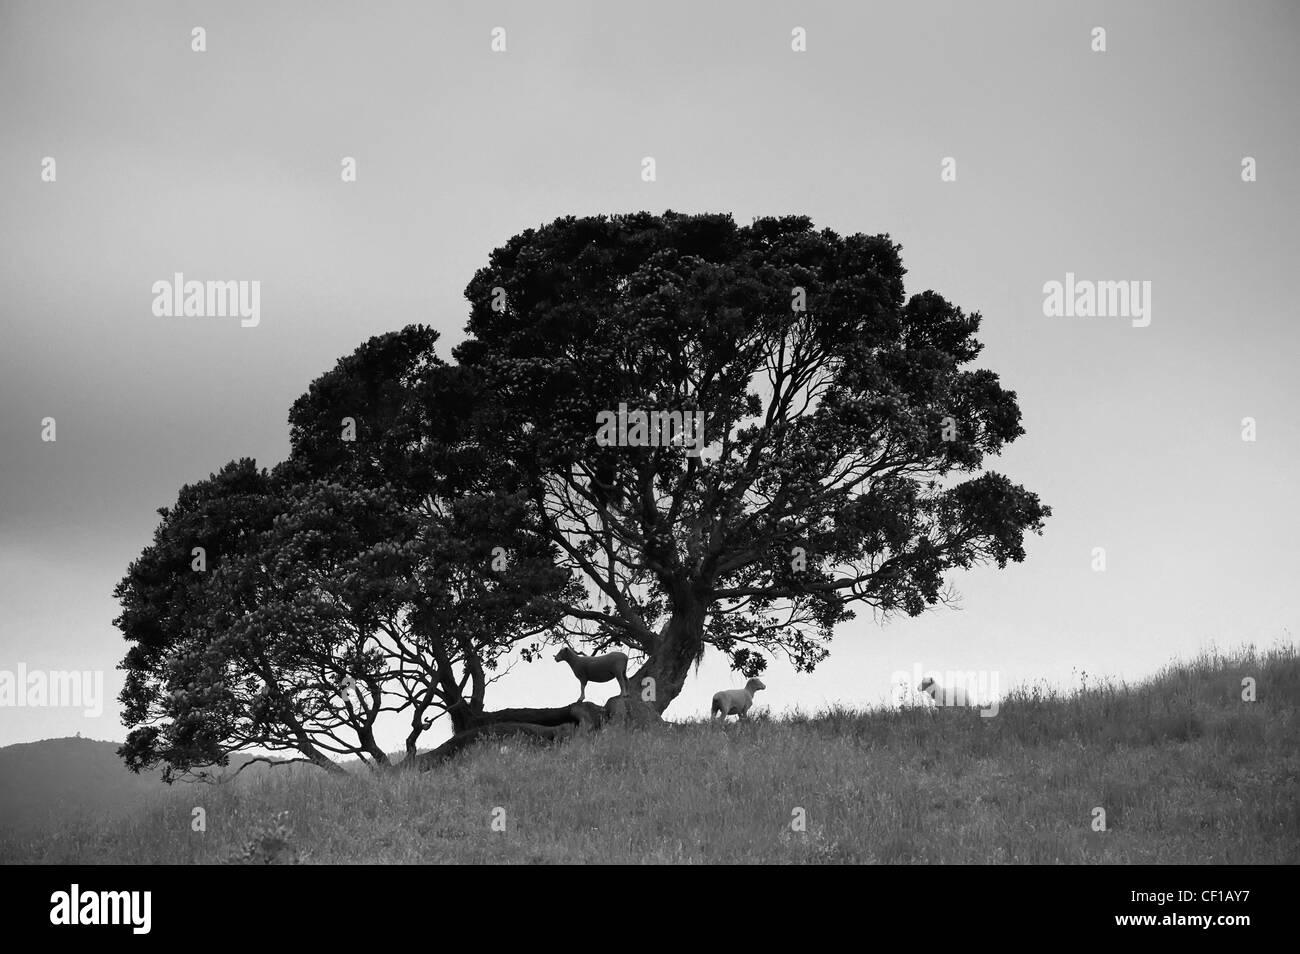 Silhouette di un albero con Pecora in piedi al di sotto; Nuova Zelanda Immagini Stock